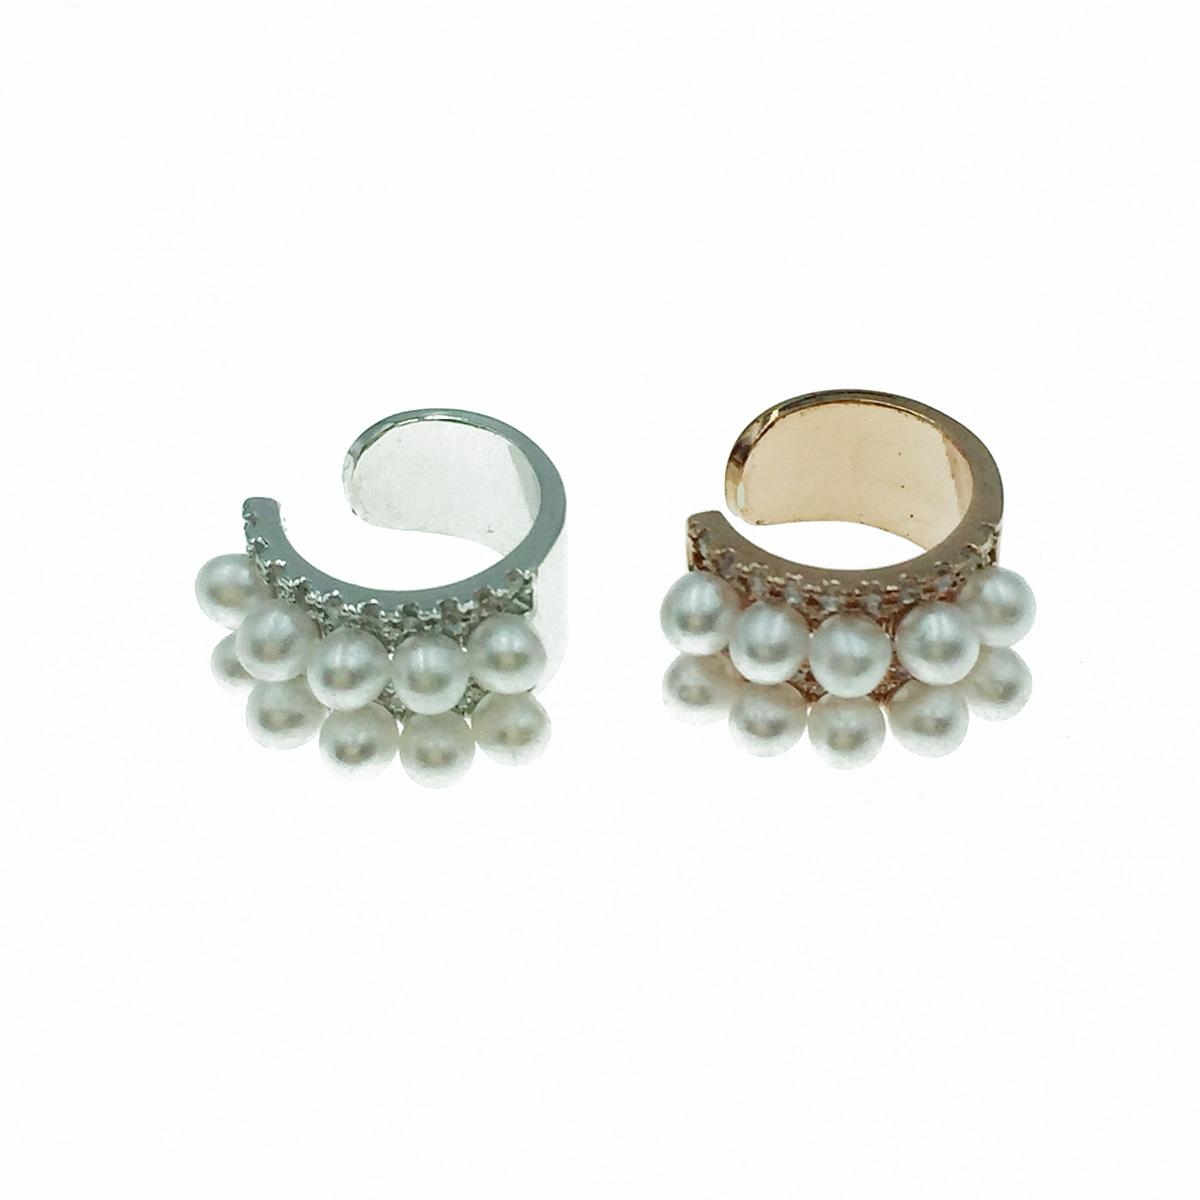 韓國 珍珠 水鑽 銀 玫瑰金 耳骨夾